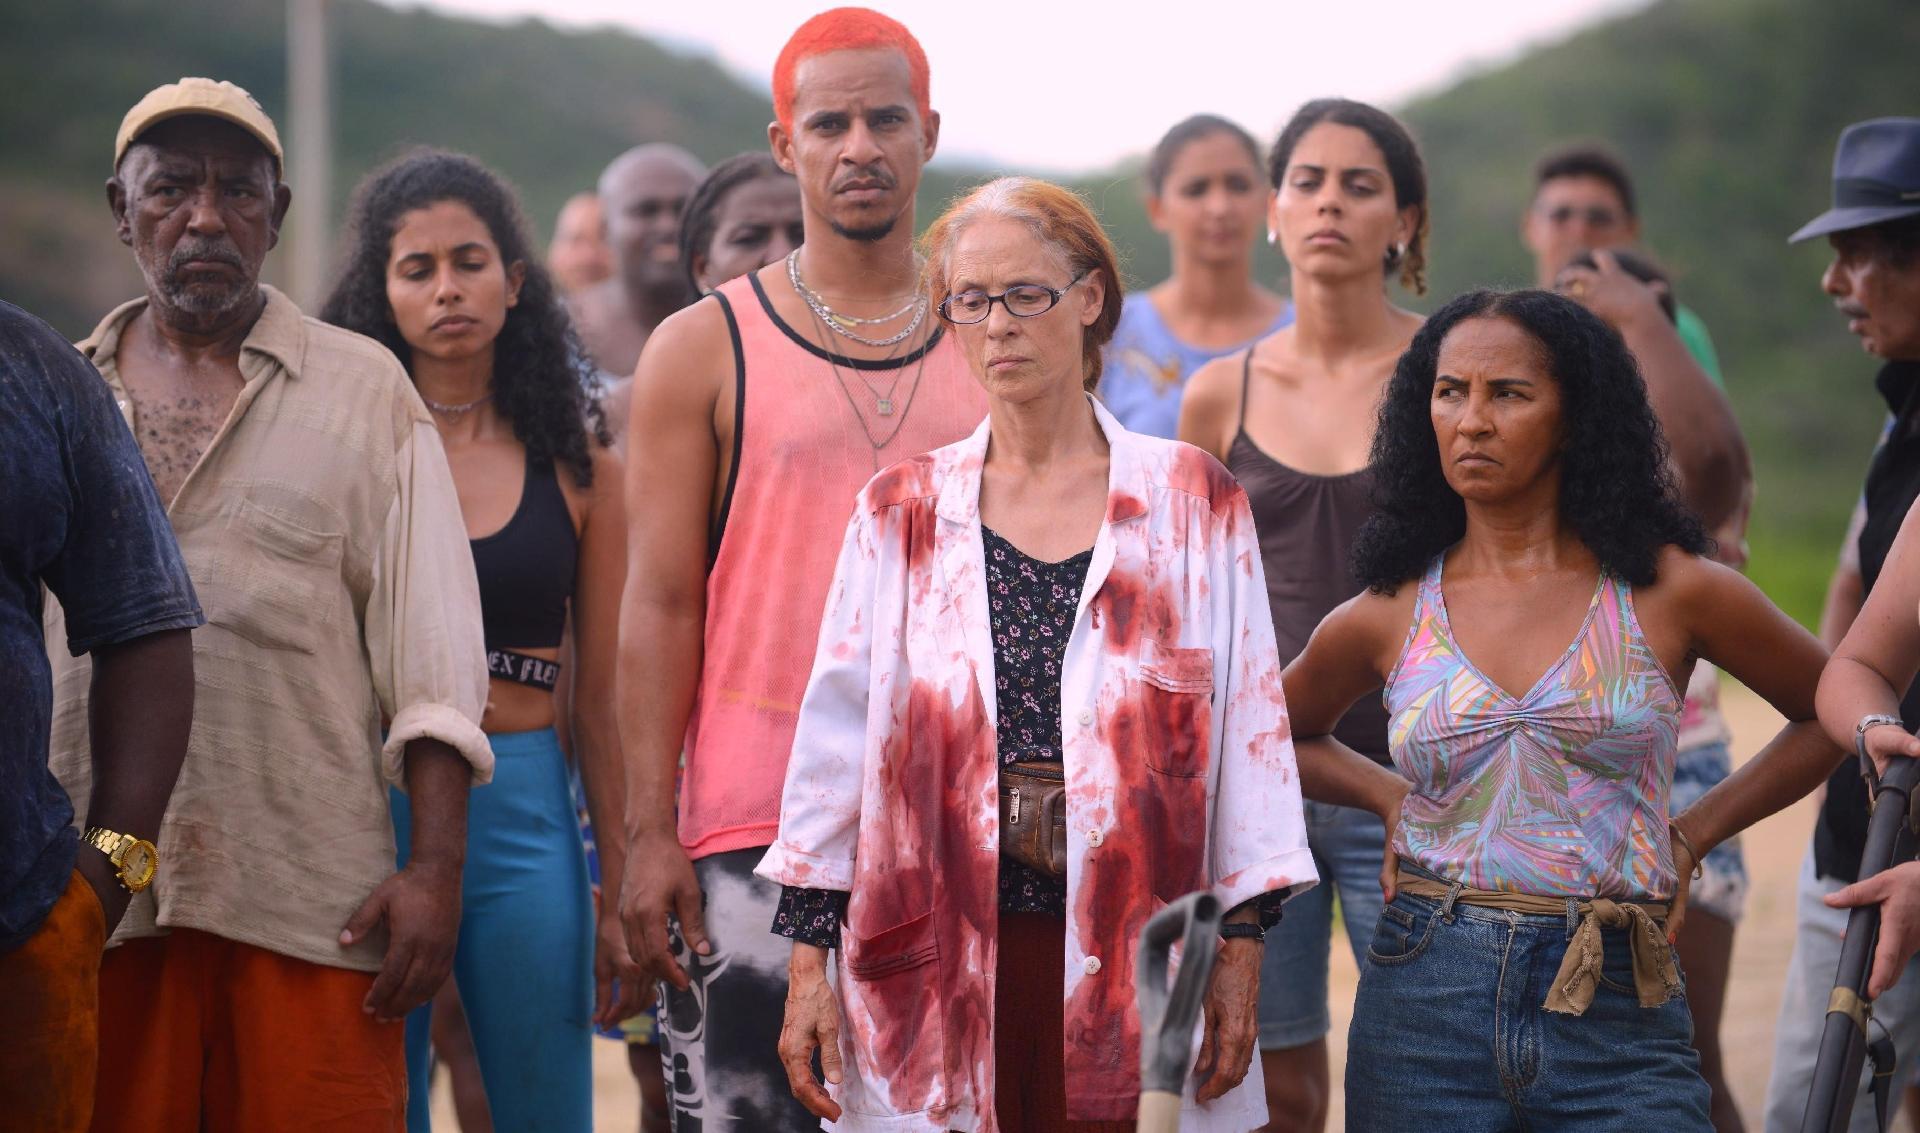 Bacurau é eleito o melhor filme estrangeiro pelo círculo de críticos de Nova York